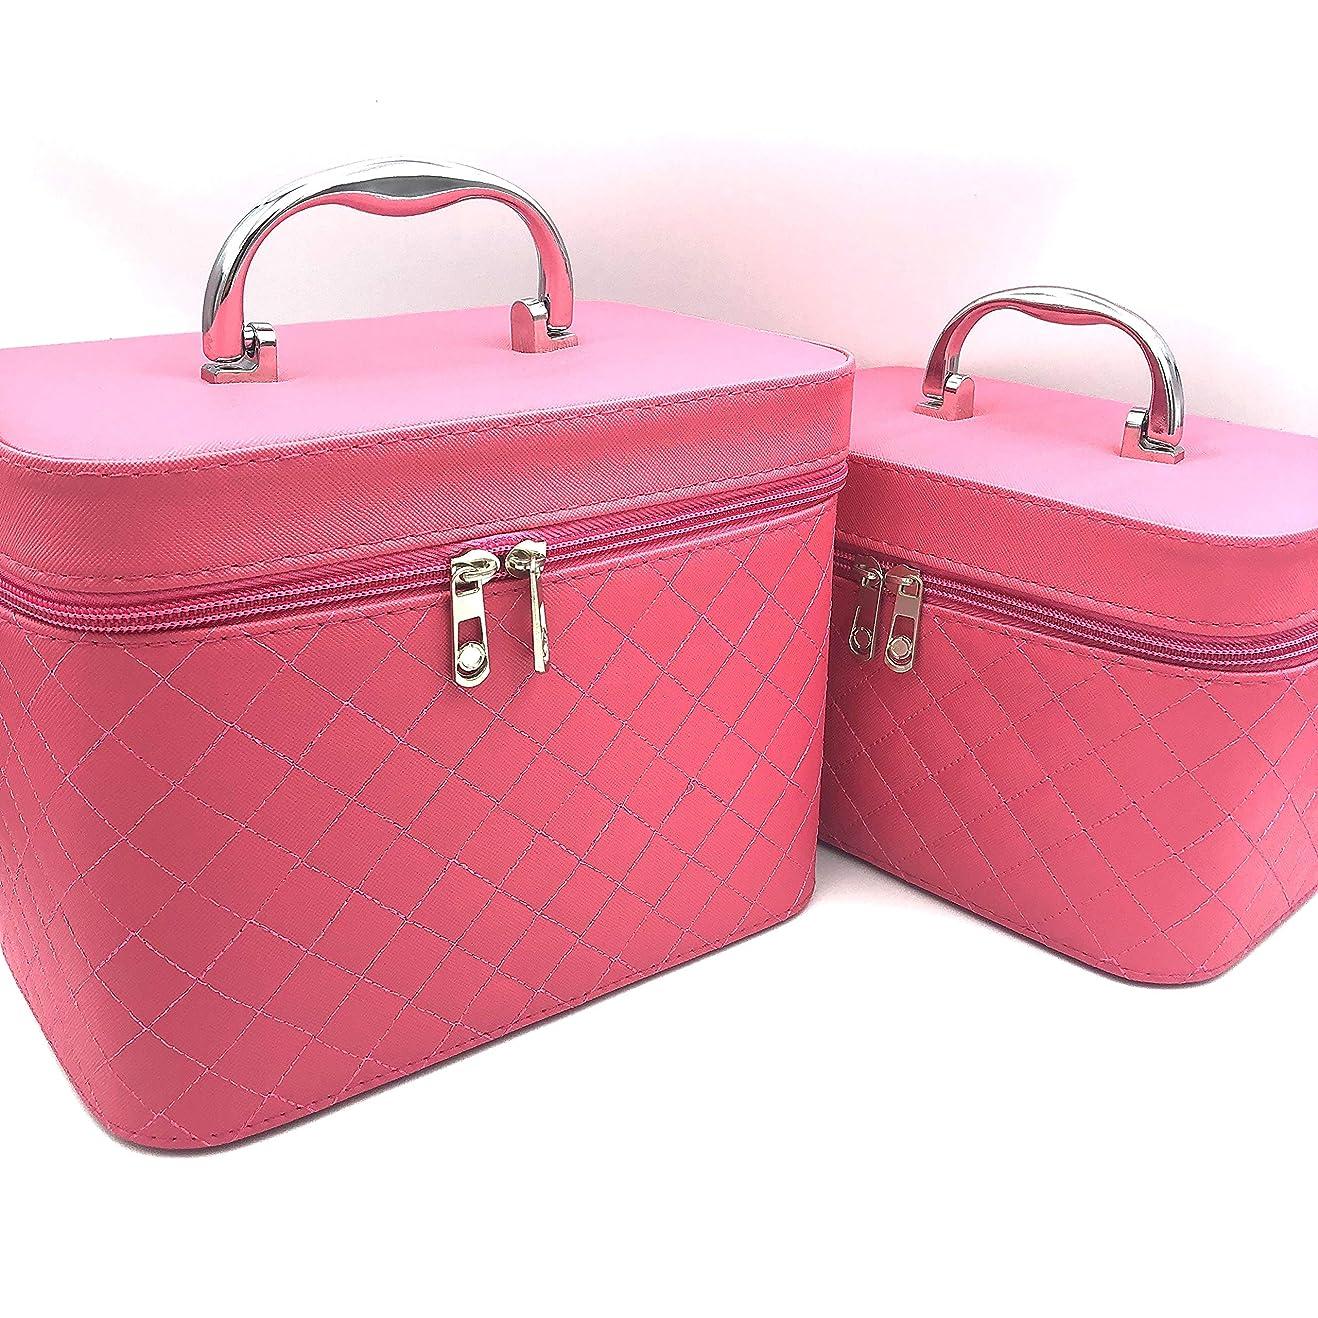 ささやき嵐のすばらしいです【EMPORITY TAG】 バニティBag キルティング地 メイク ミラー 小物 化粧品 ブラシホルダー付き 同色 2点セット (ピンク)